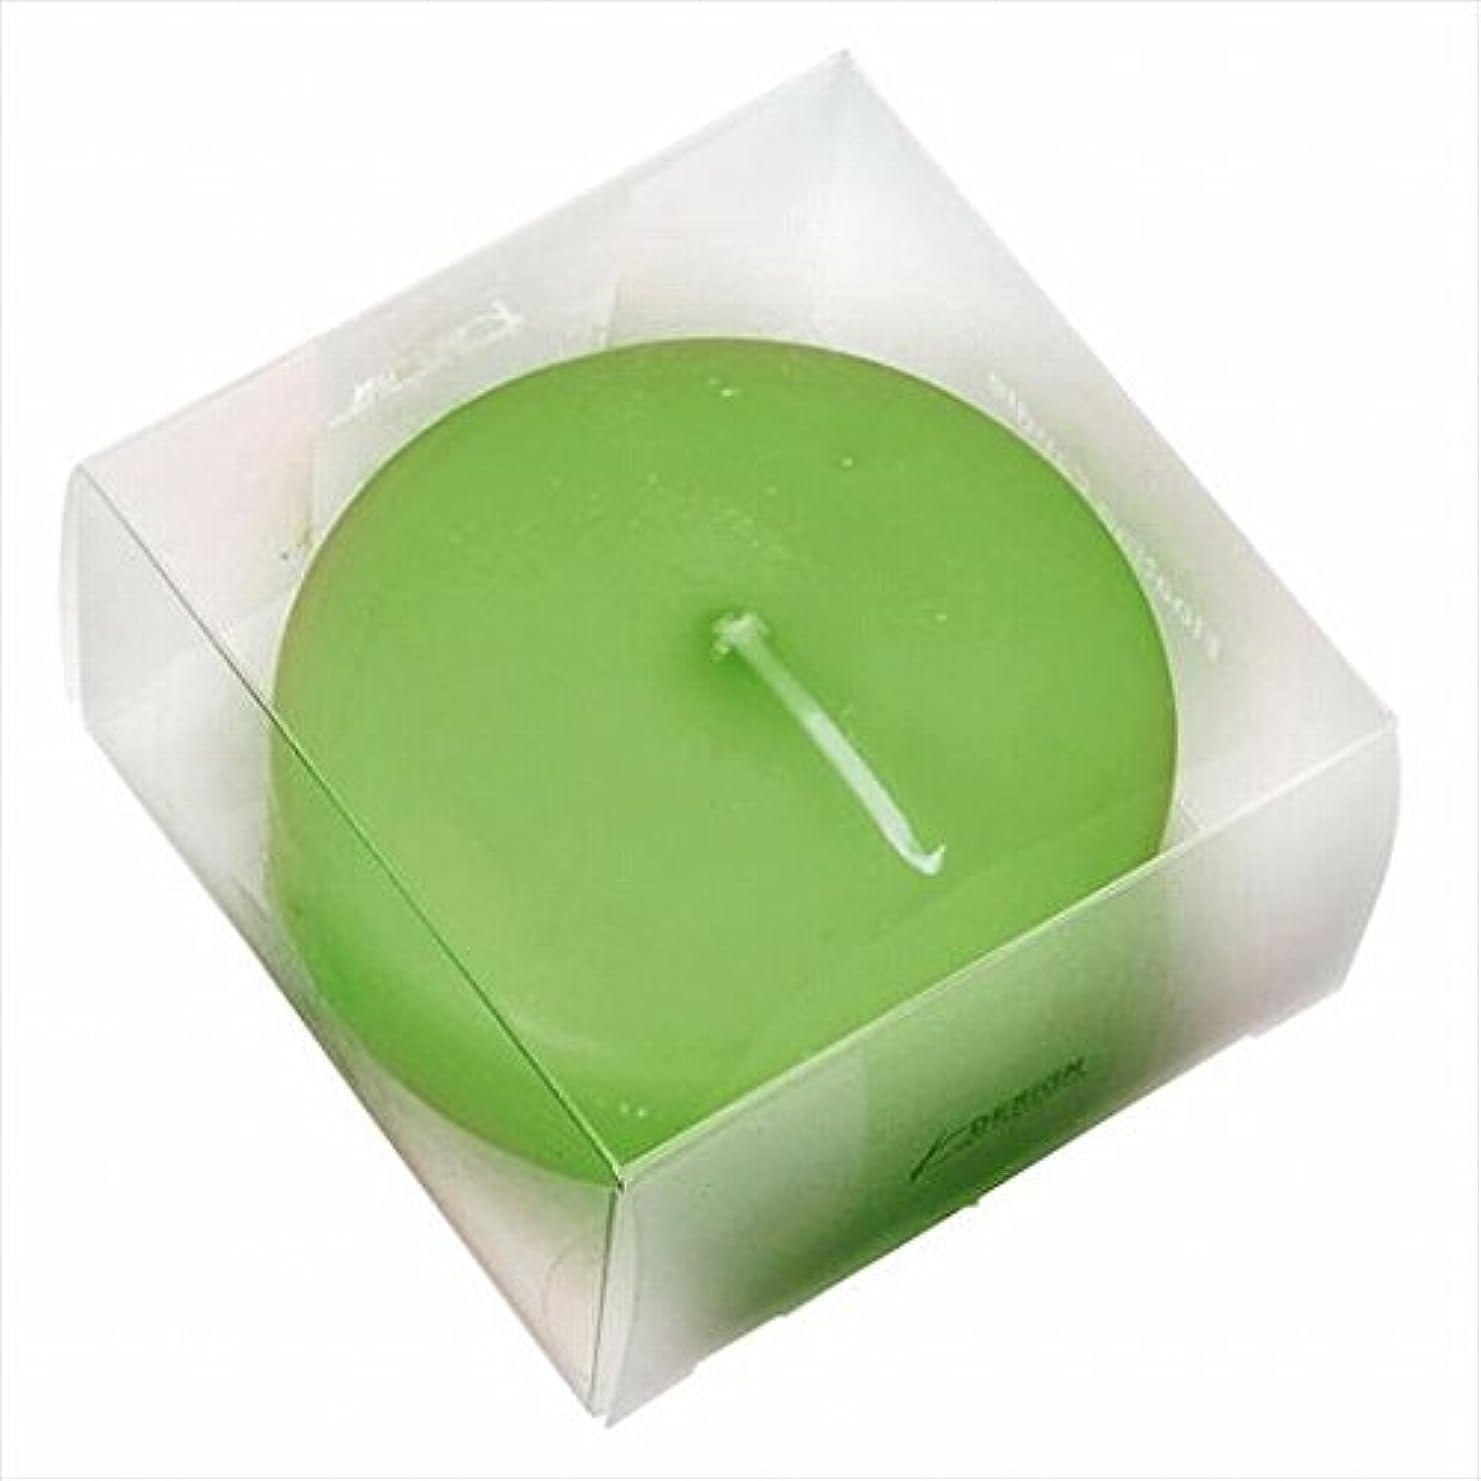 デコラティブ負担フェッチカメヤマキャンドル(kameyama candle) プール80(箱入り) 「 シャトレーゼ 」